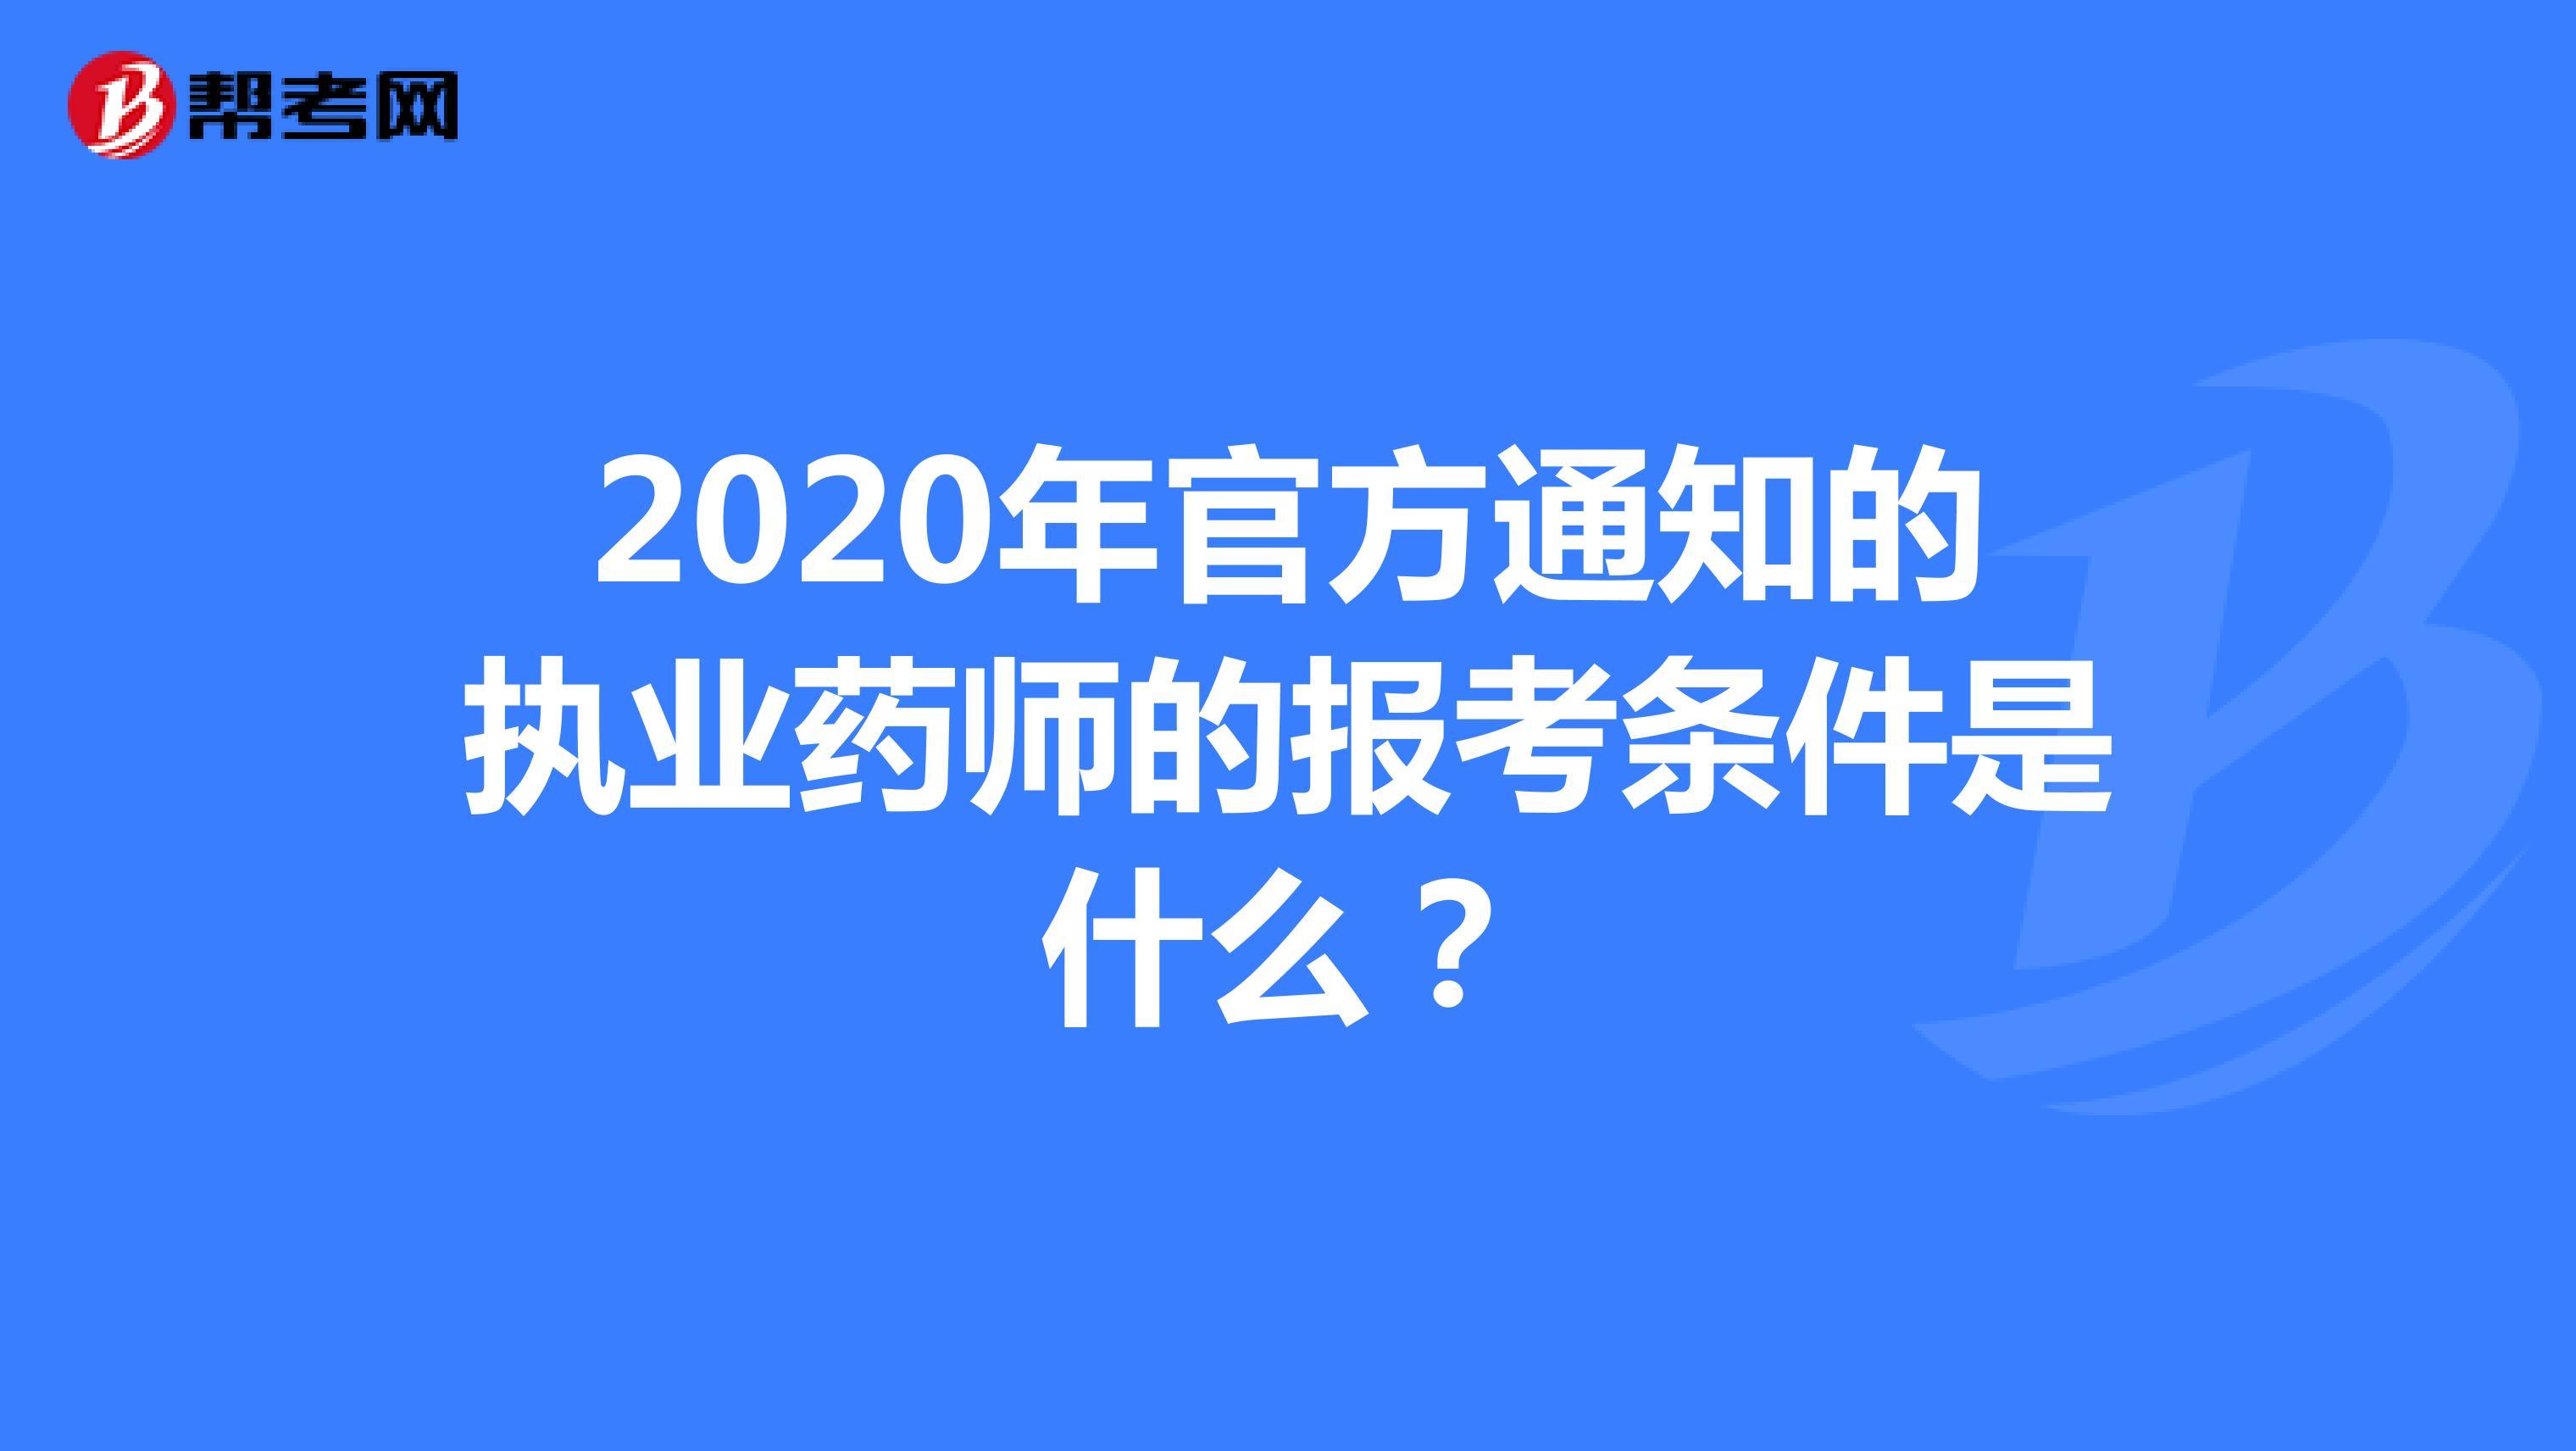 2020年官方通知的執業藥師的報考條件是什么?